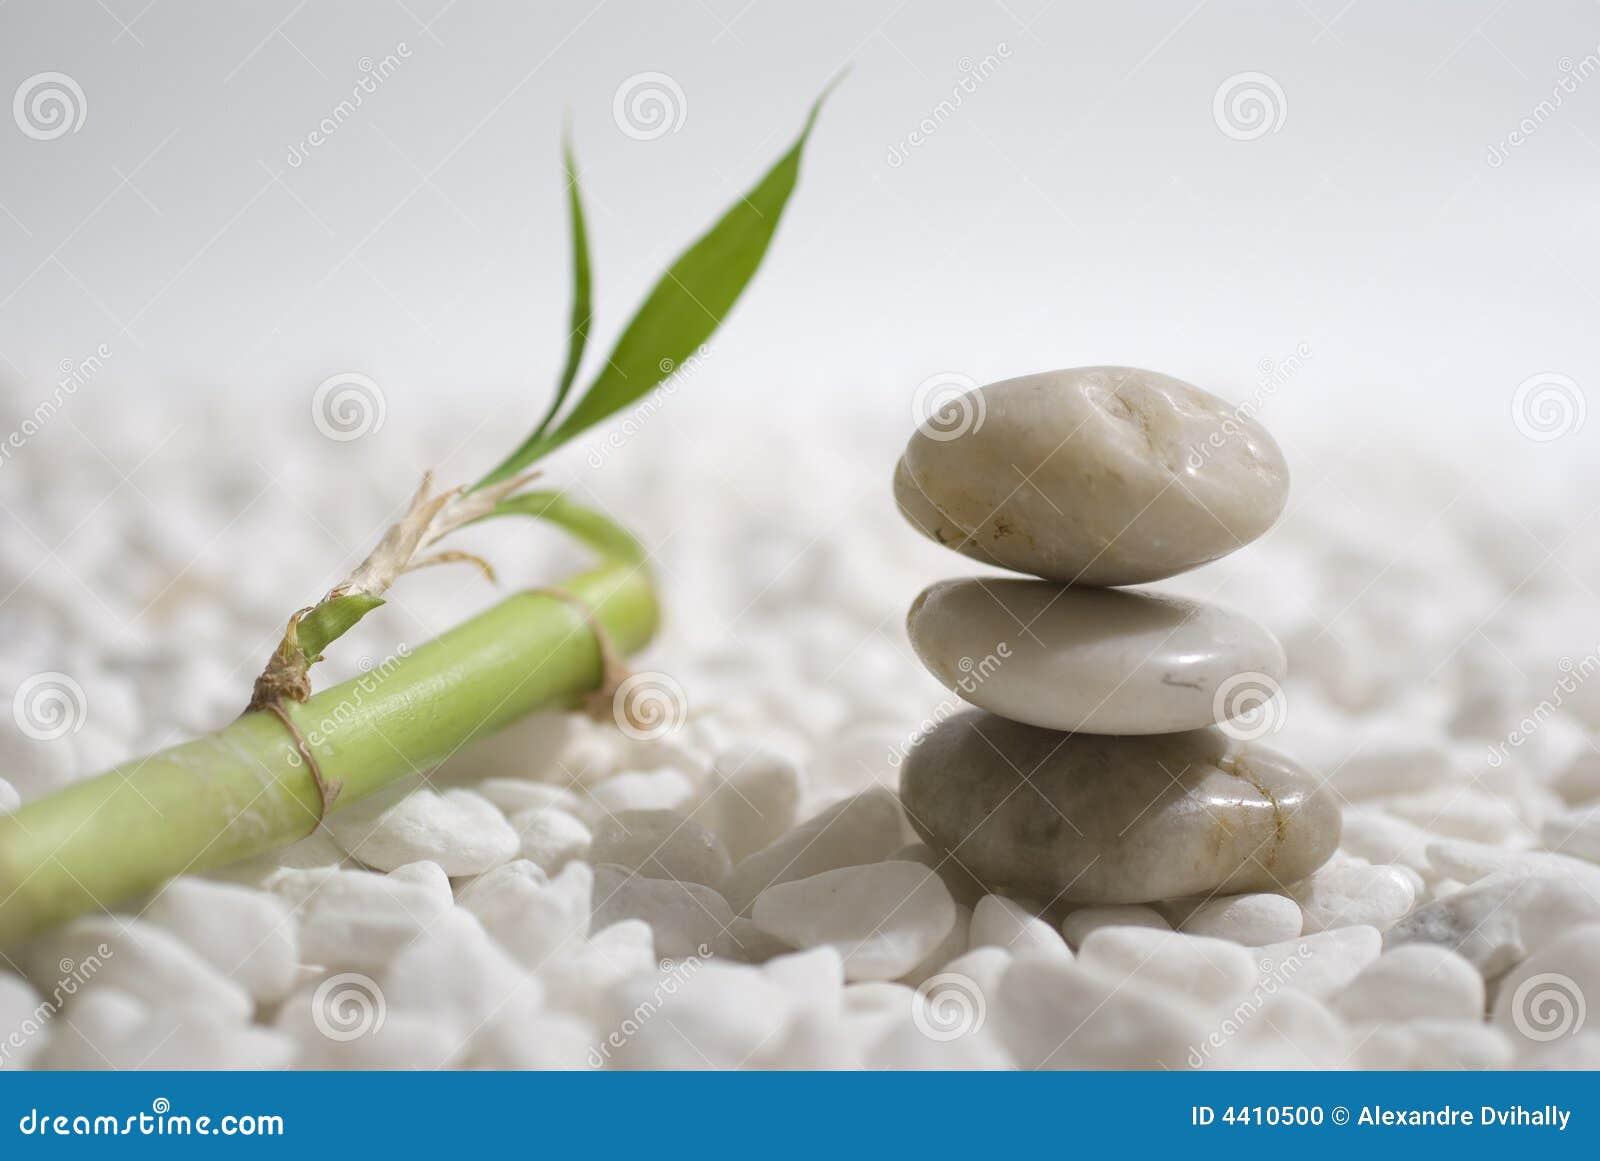 Piedras y bamb del zen foto de archivo imagen 4410500 for Fotos piedras zen